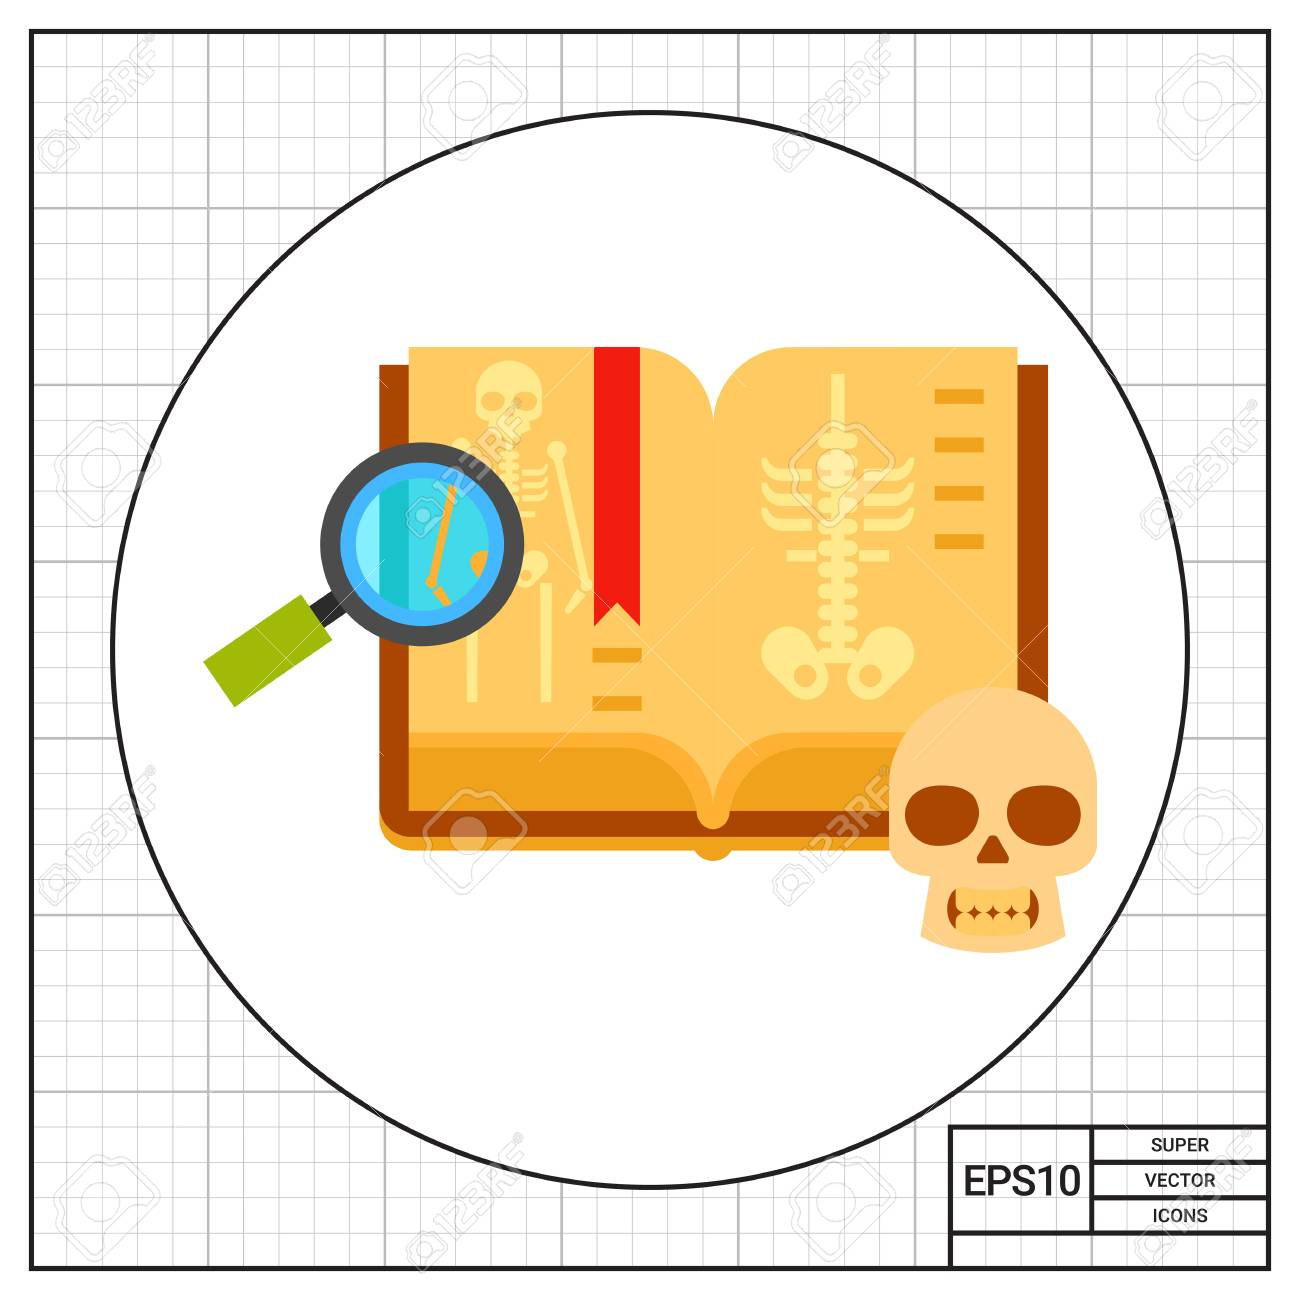 Anatomie Buch. Medizin, Menschlicher Schädel, Lupe, Skelett. Medizin ...